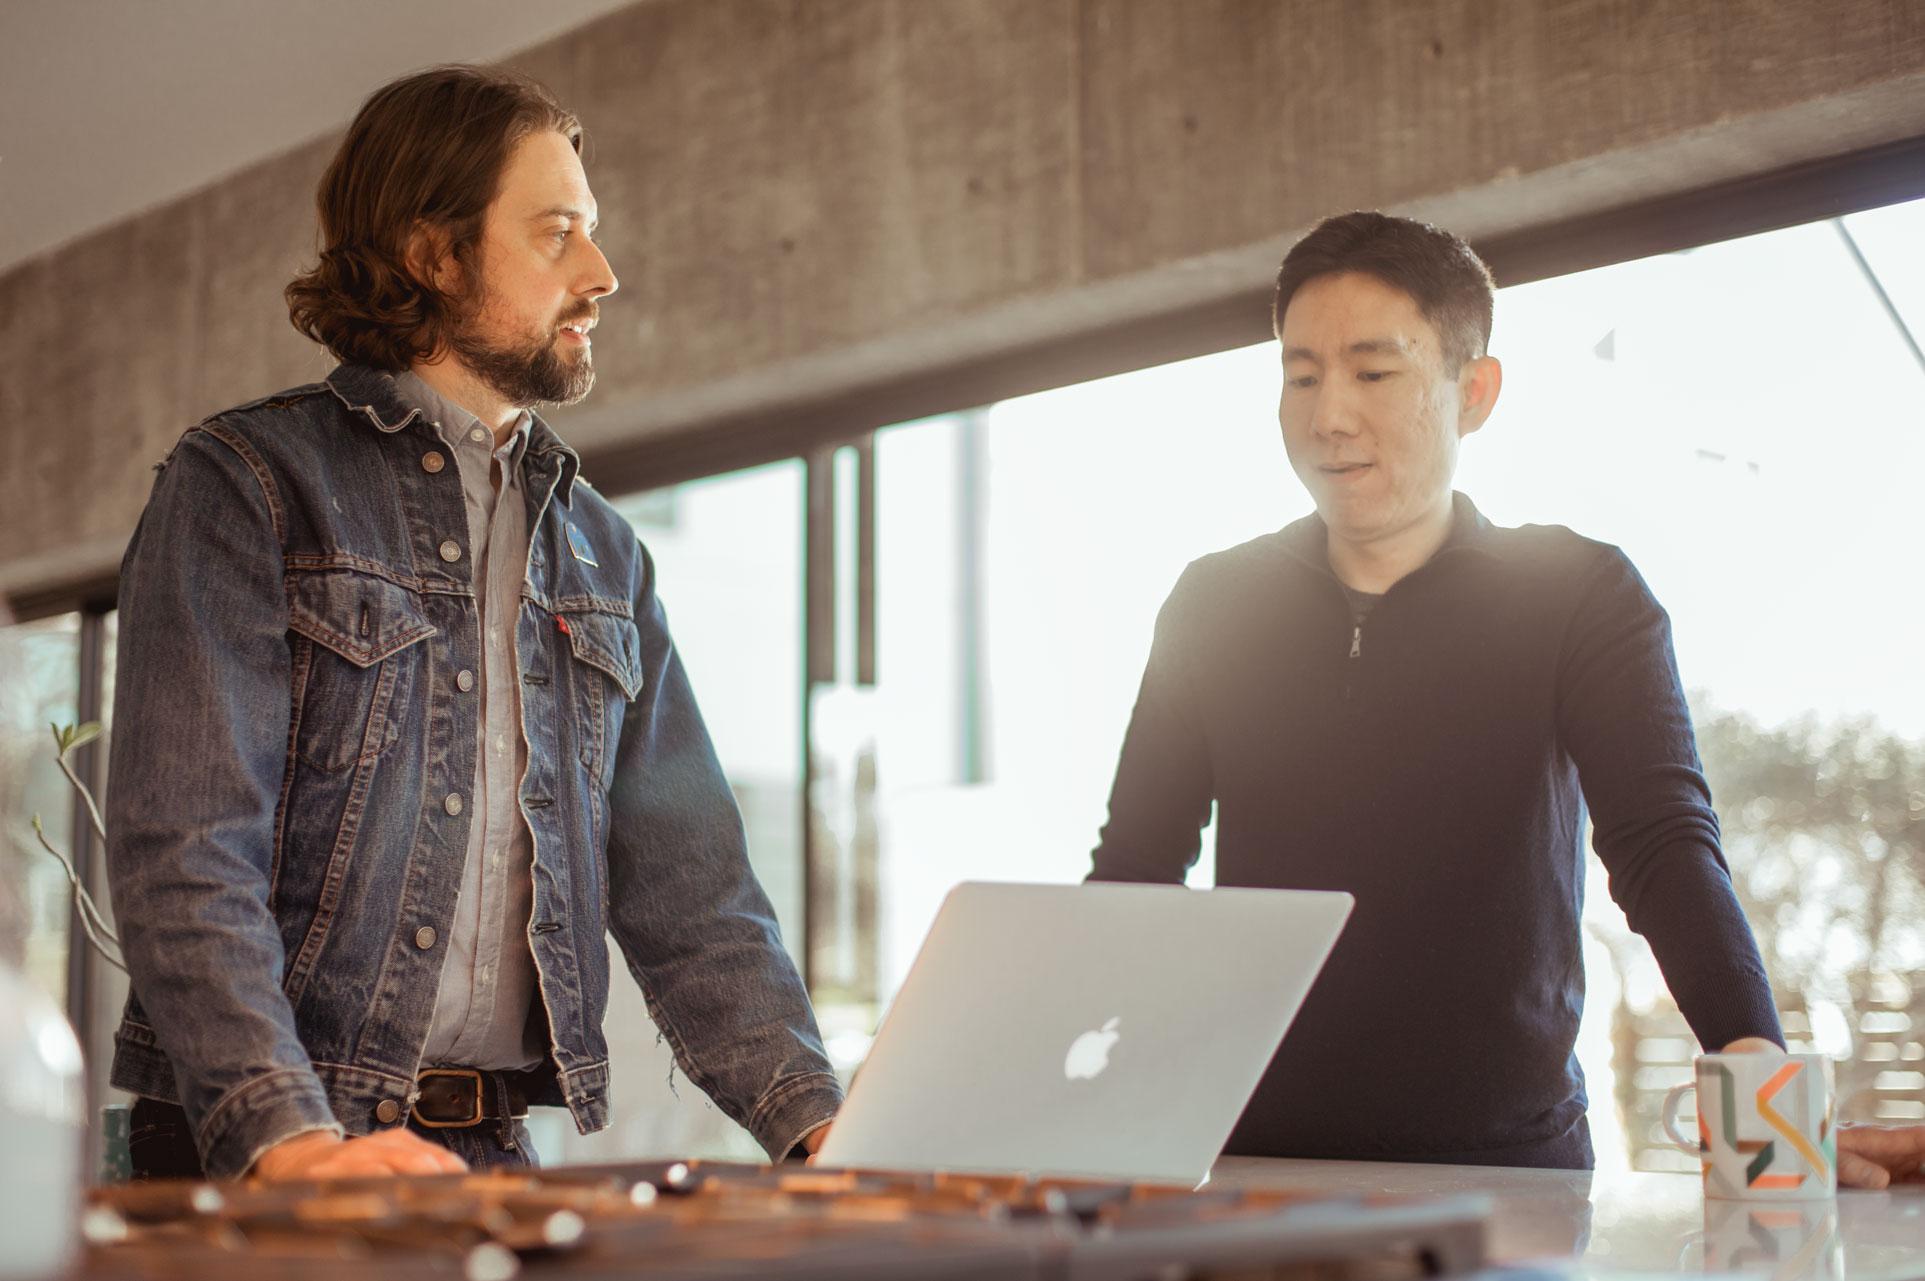 Michael Sanders and Ka Wai Cheung